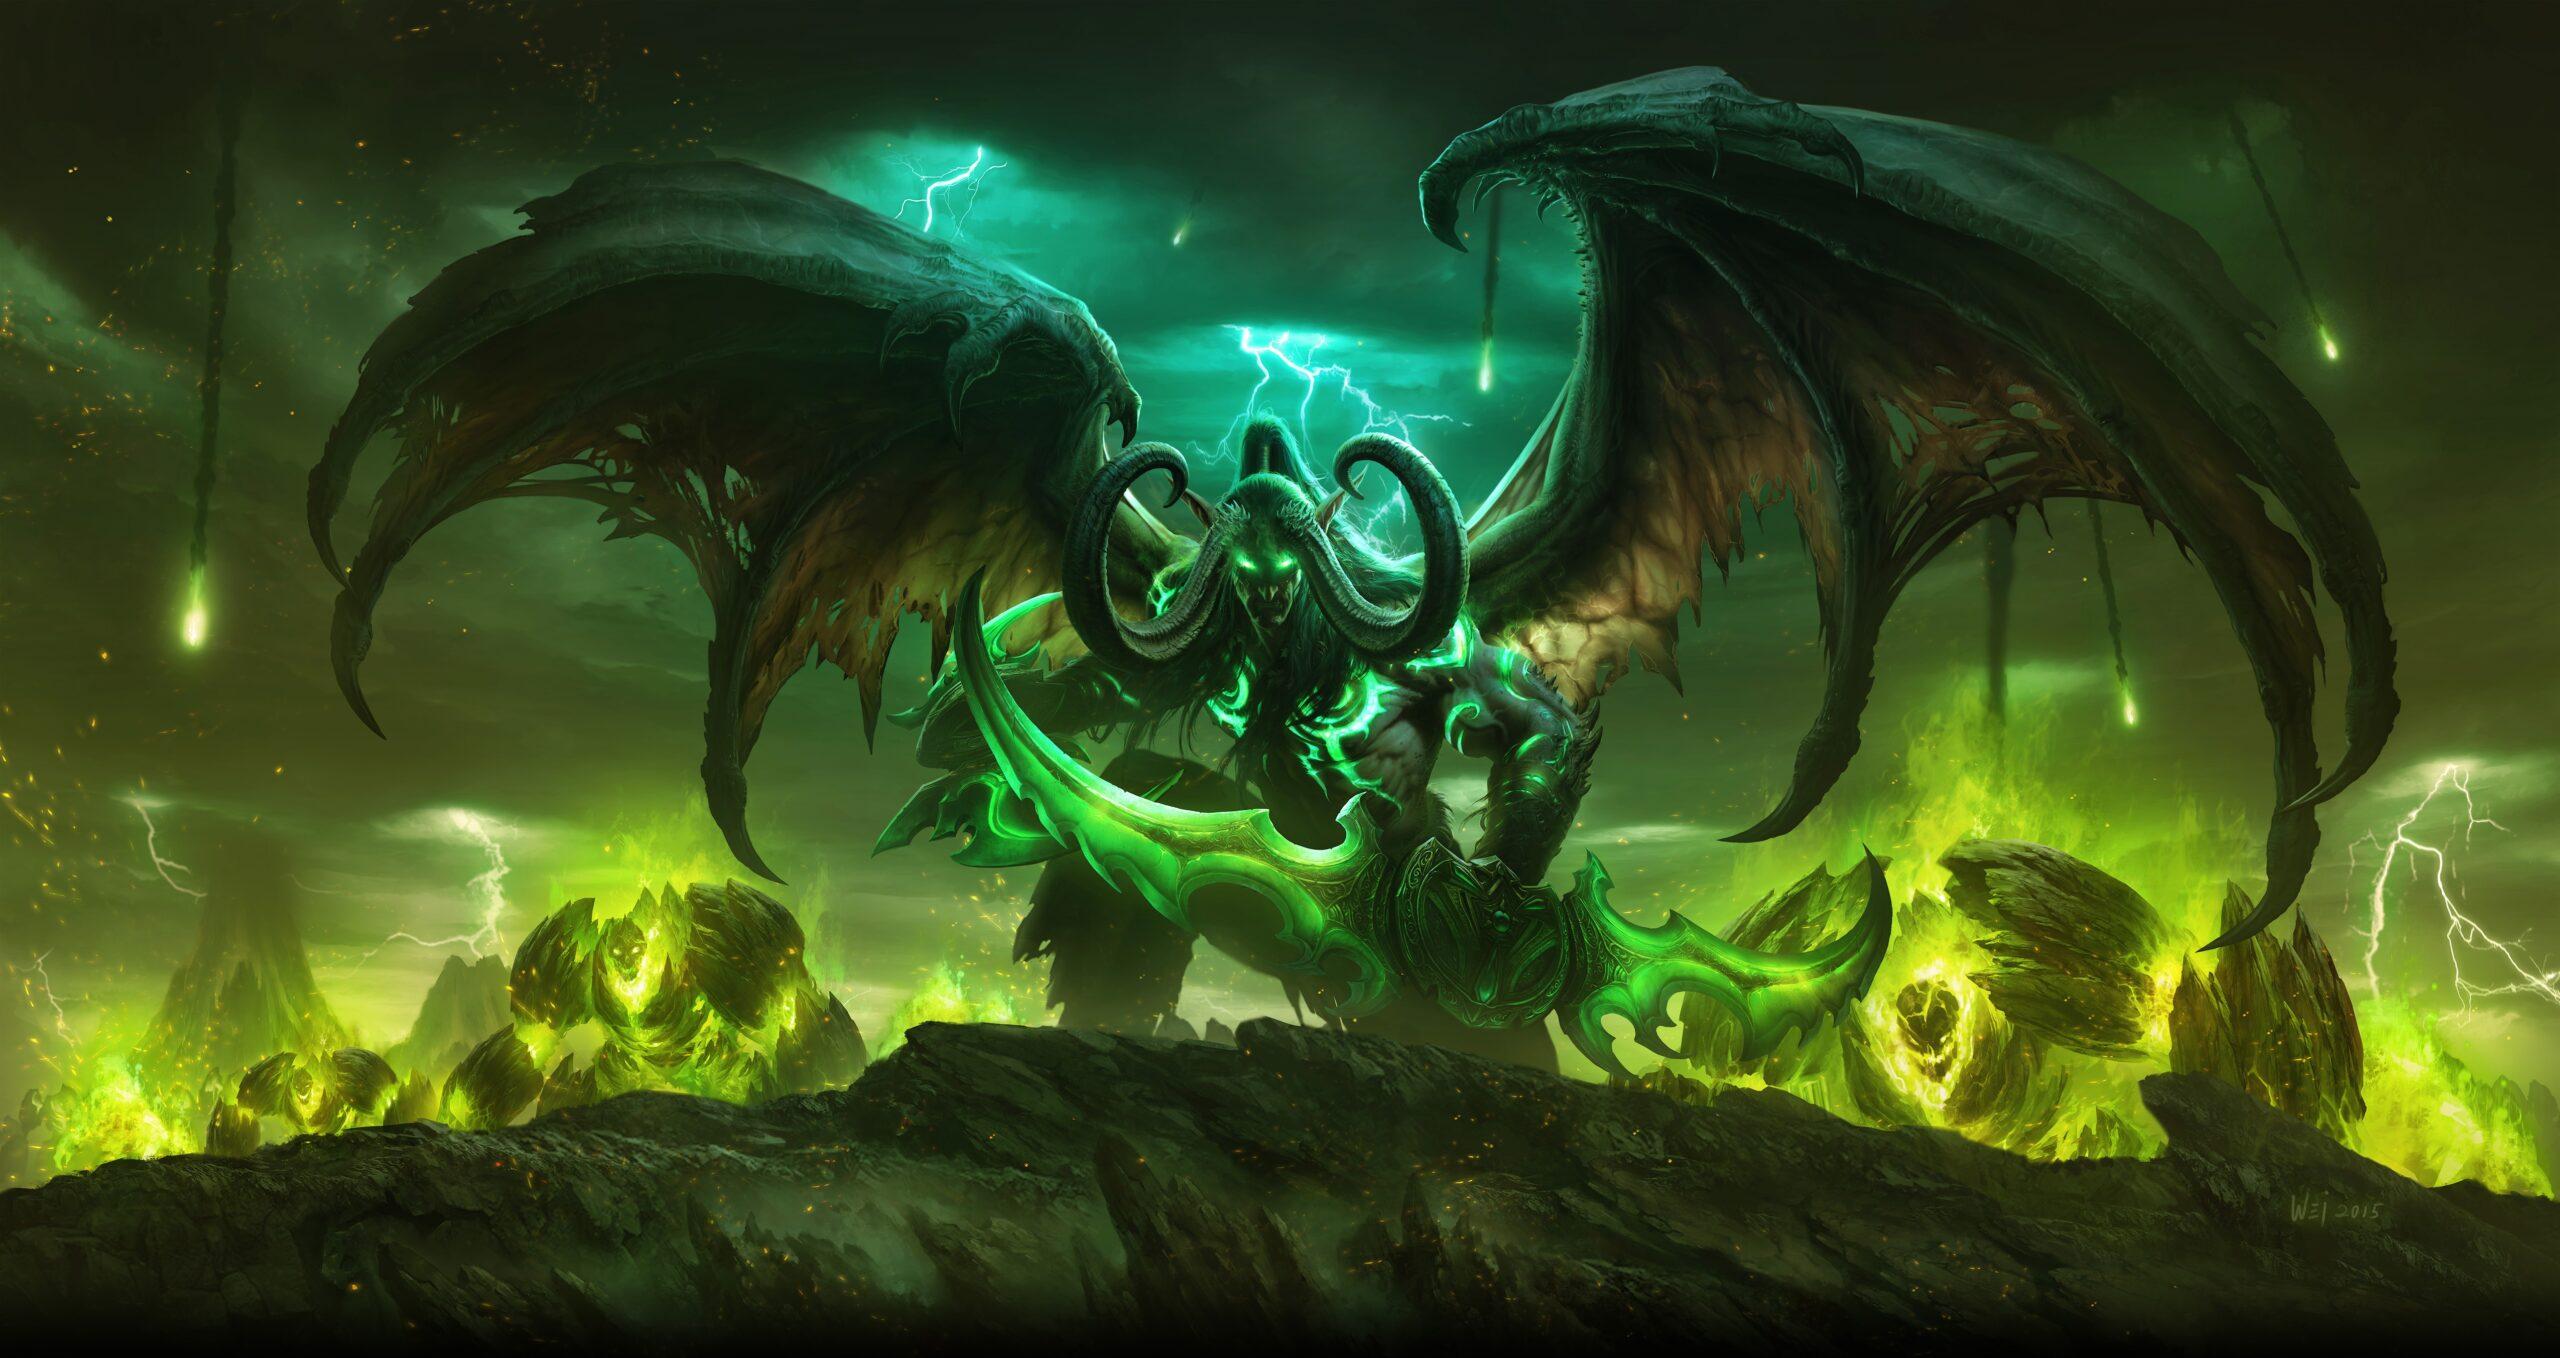 World of Warcraft : Legion a été lancé il y a cinq ans aujourd'hui, le 30 août 2016